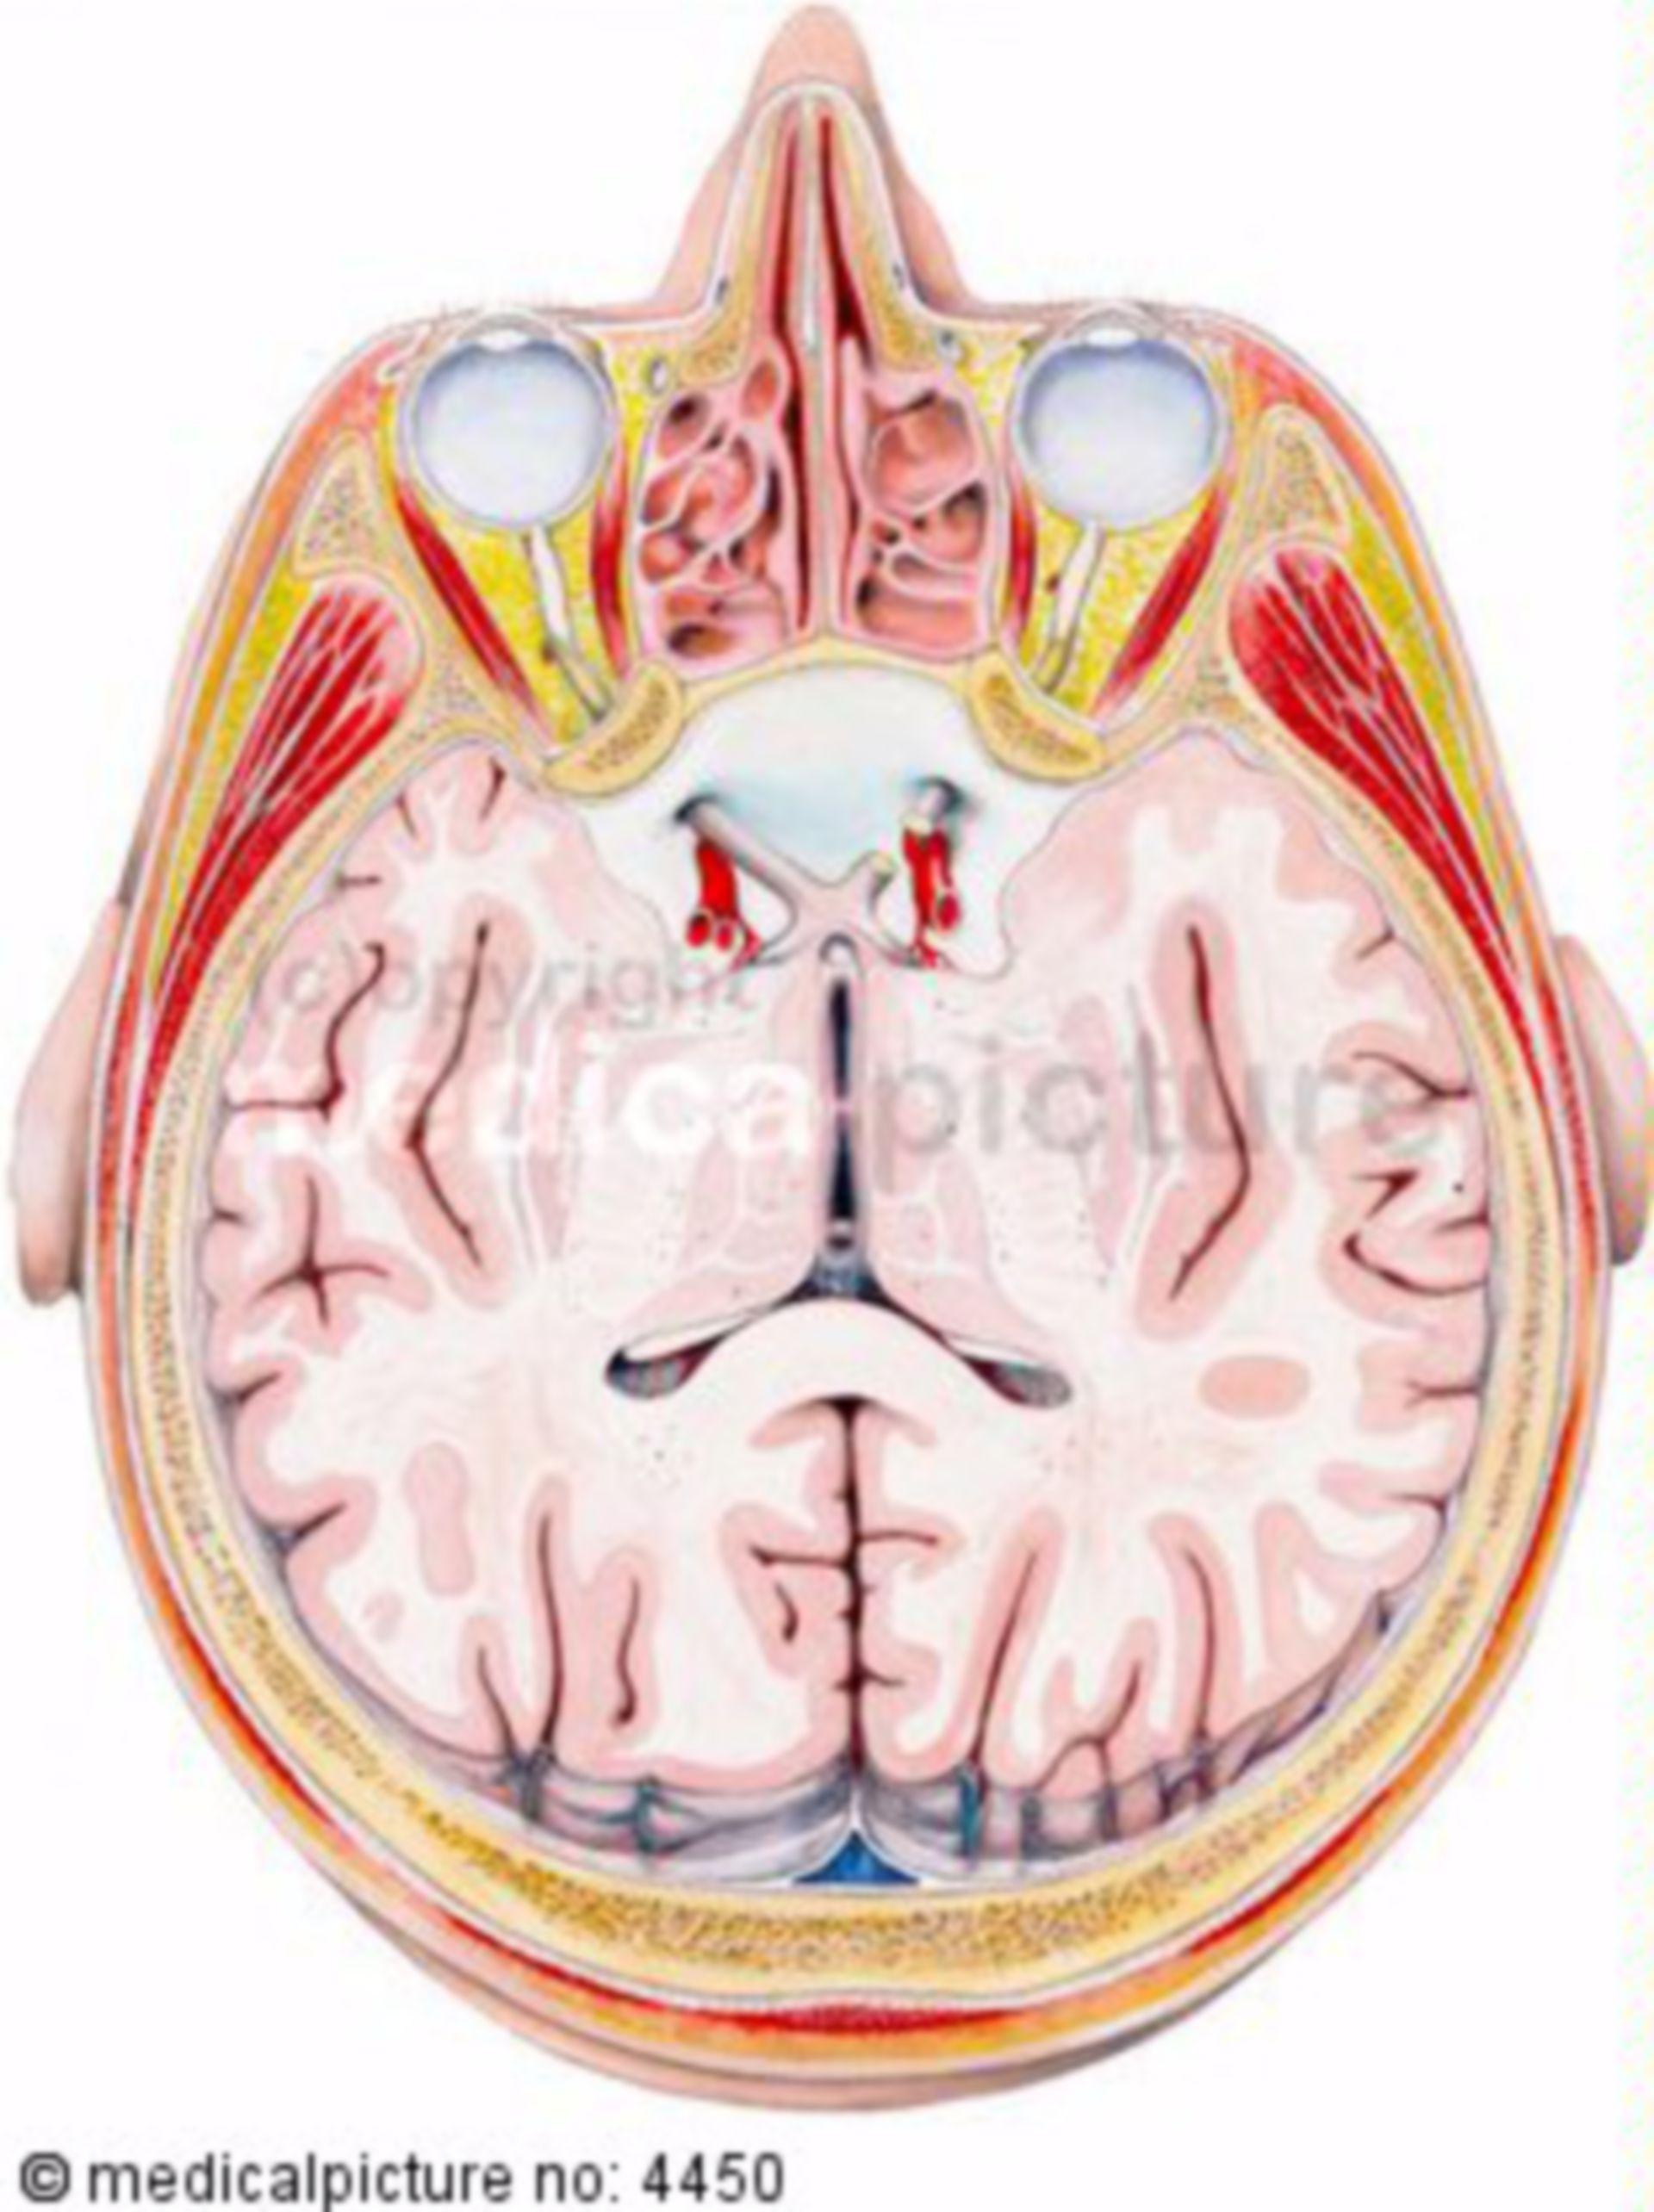 Sezione orizzontale attraverso la testa